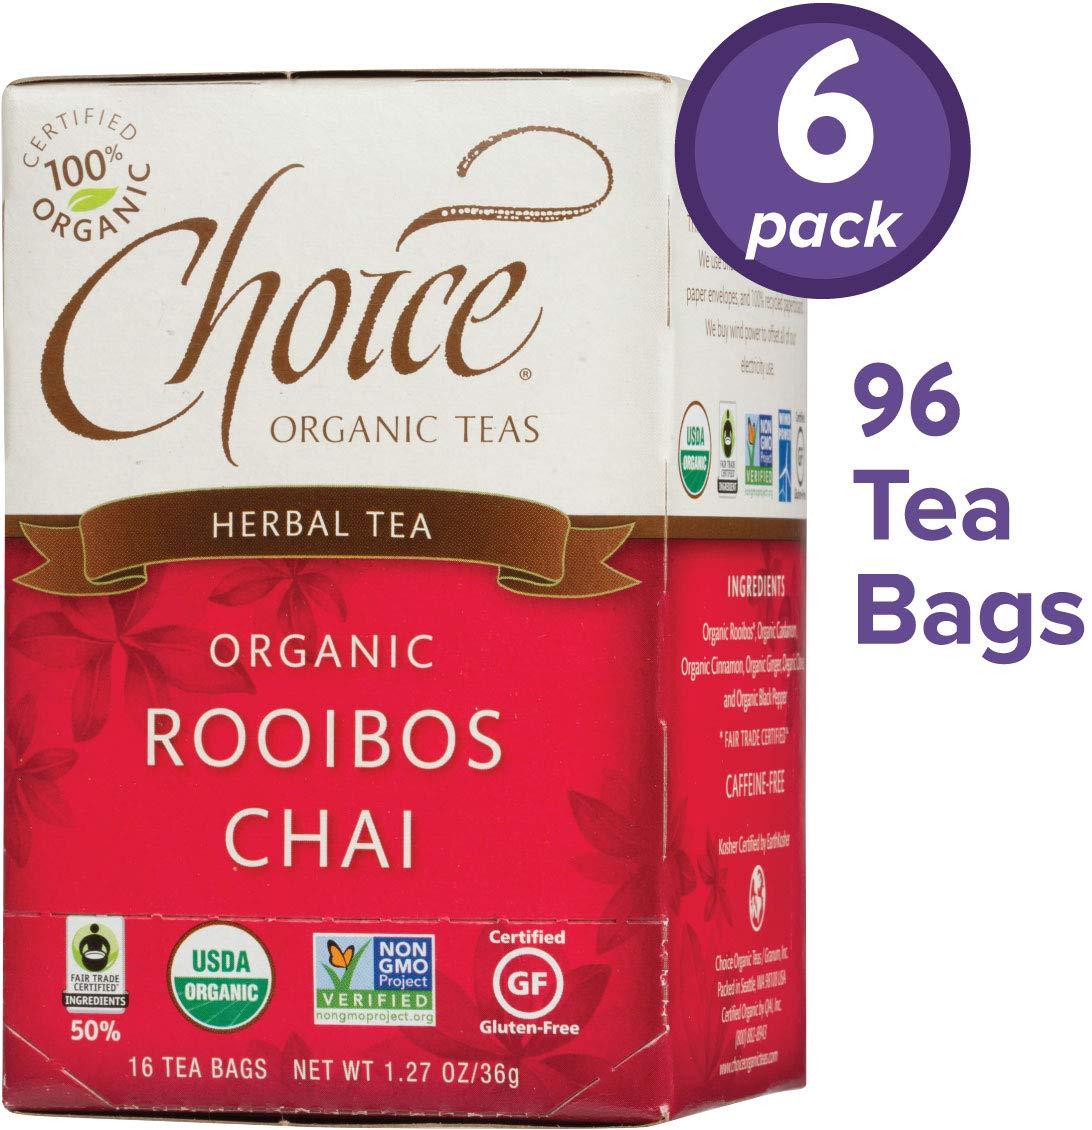 Choice Organic Teas Herbal Tea, 6 Boxes of 16 (96 Tea Bags), Rooibos Chai, Caffeine Free by Choice ORGANIC TEAS